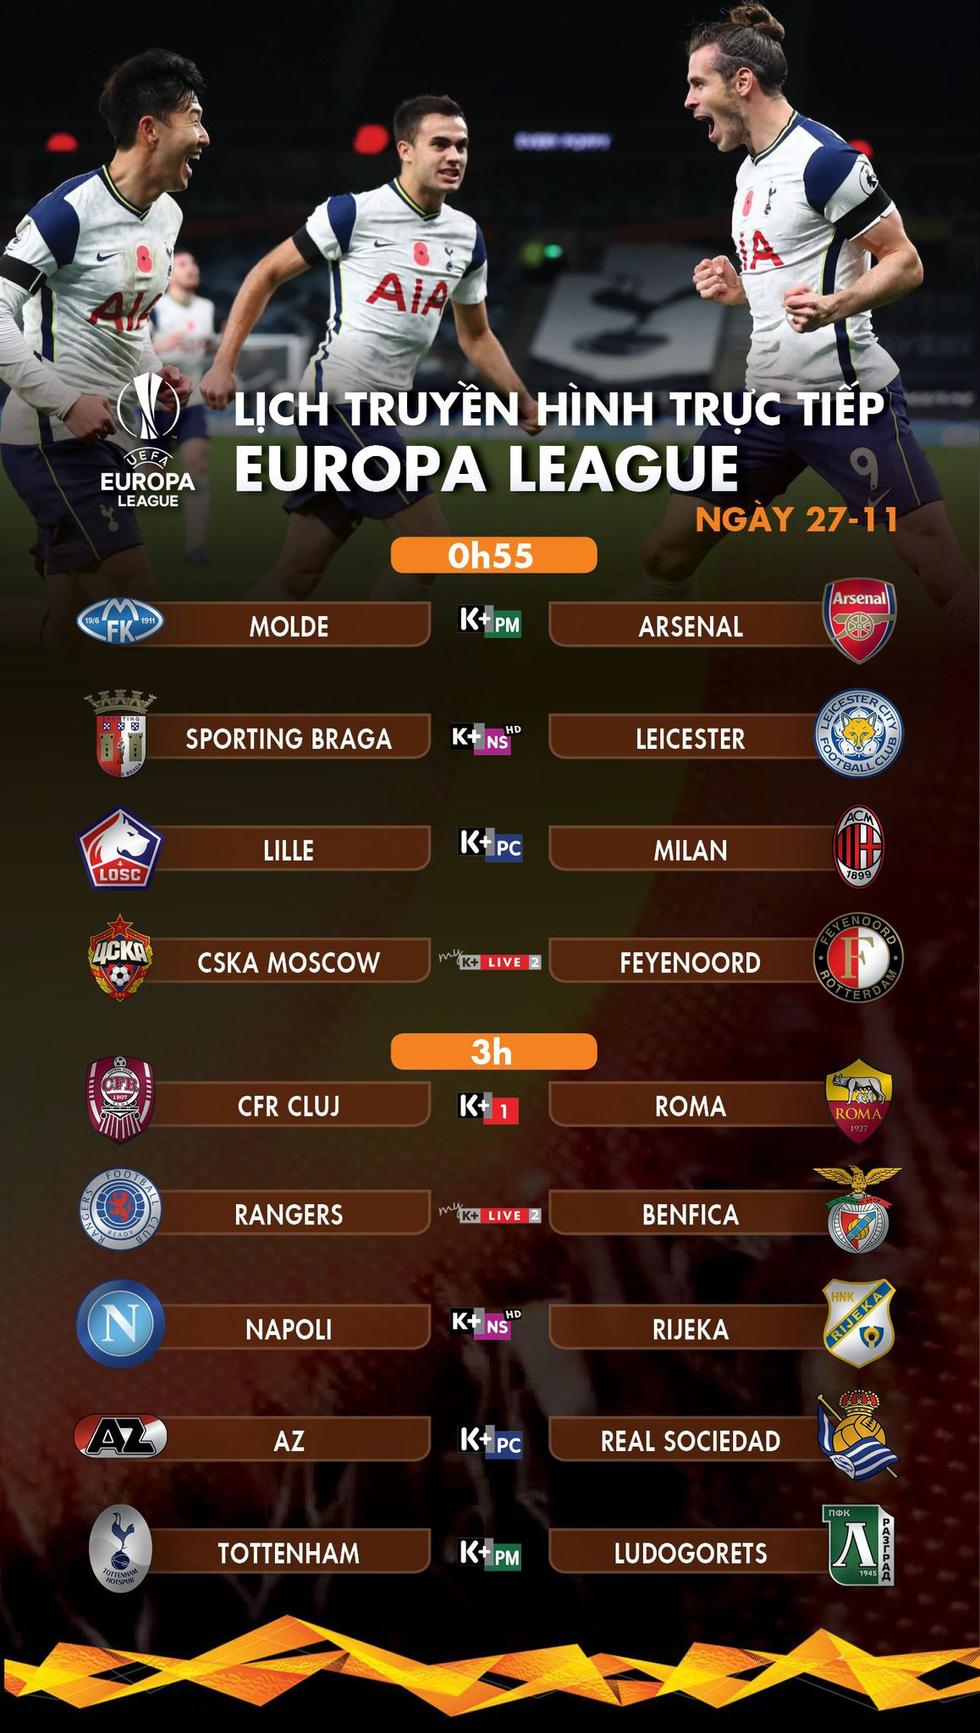 Lịch trực tiếp Europa League: Tâm điểm các trận đấu có Arsenal, Milan và Tottenham - Ảnh 1.